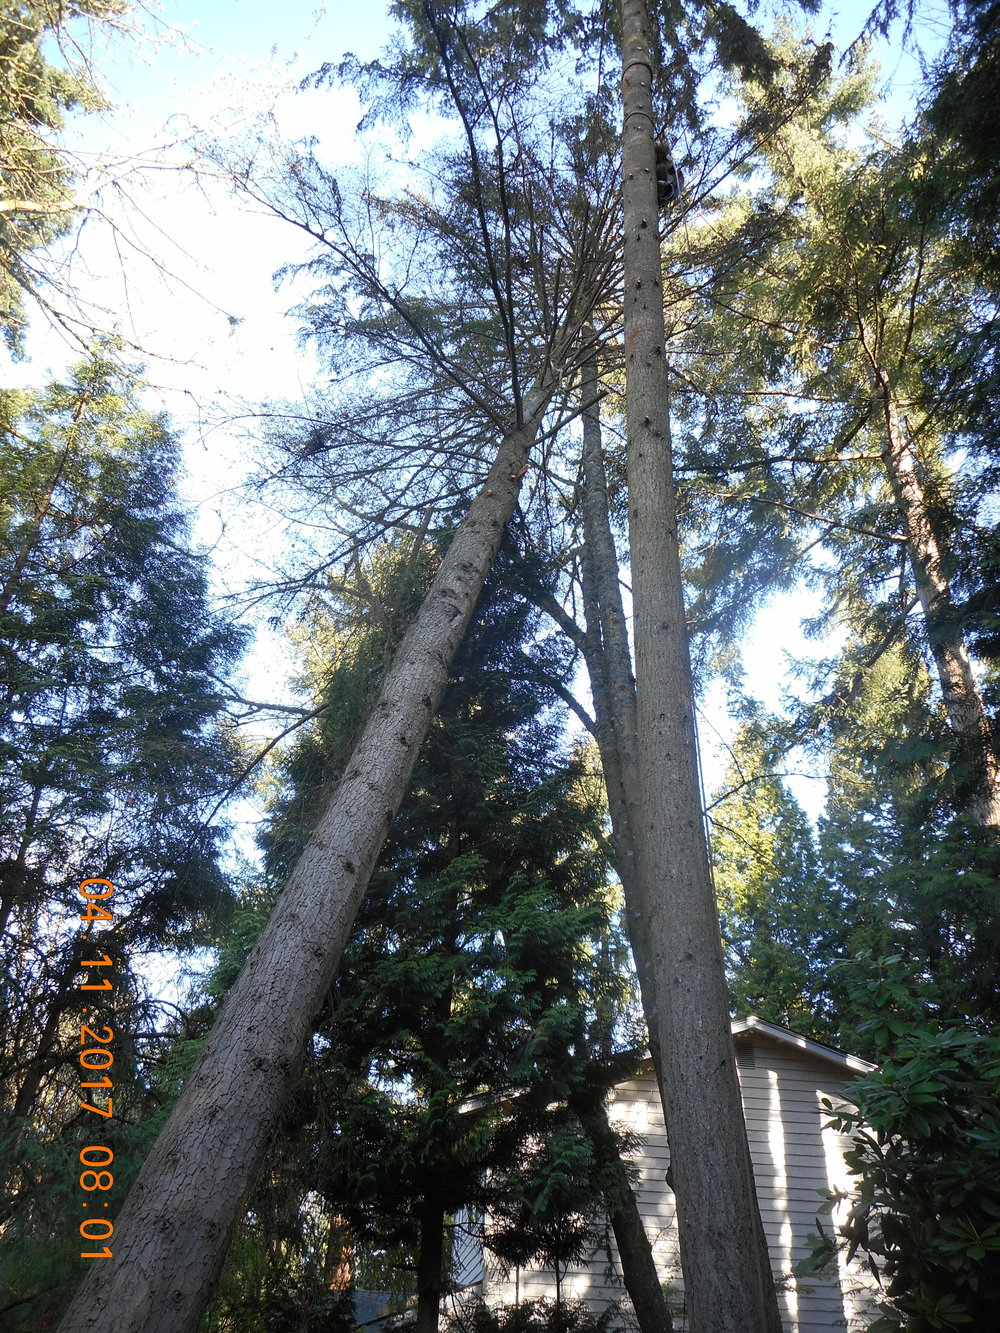 Trevor Laib 04-11-17 TREE (3).JPG